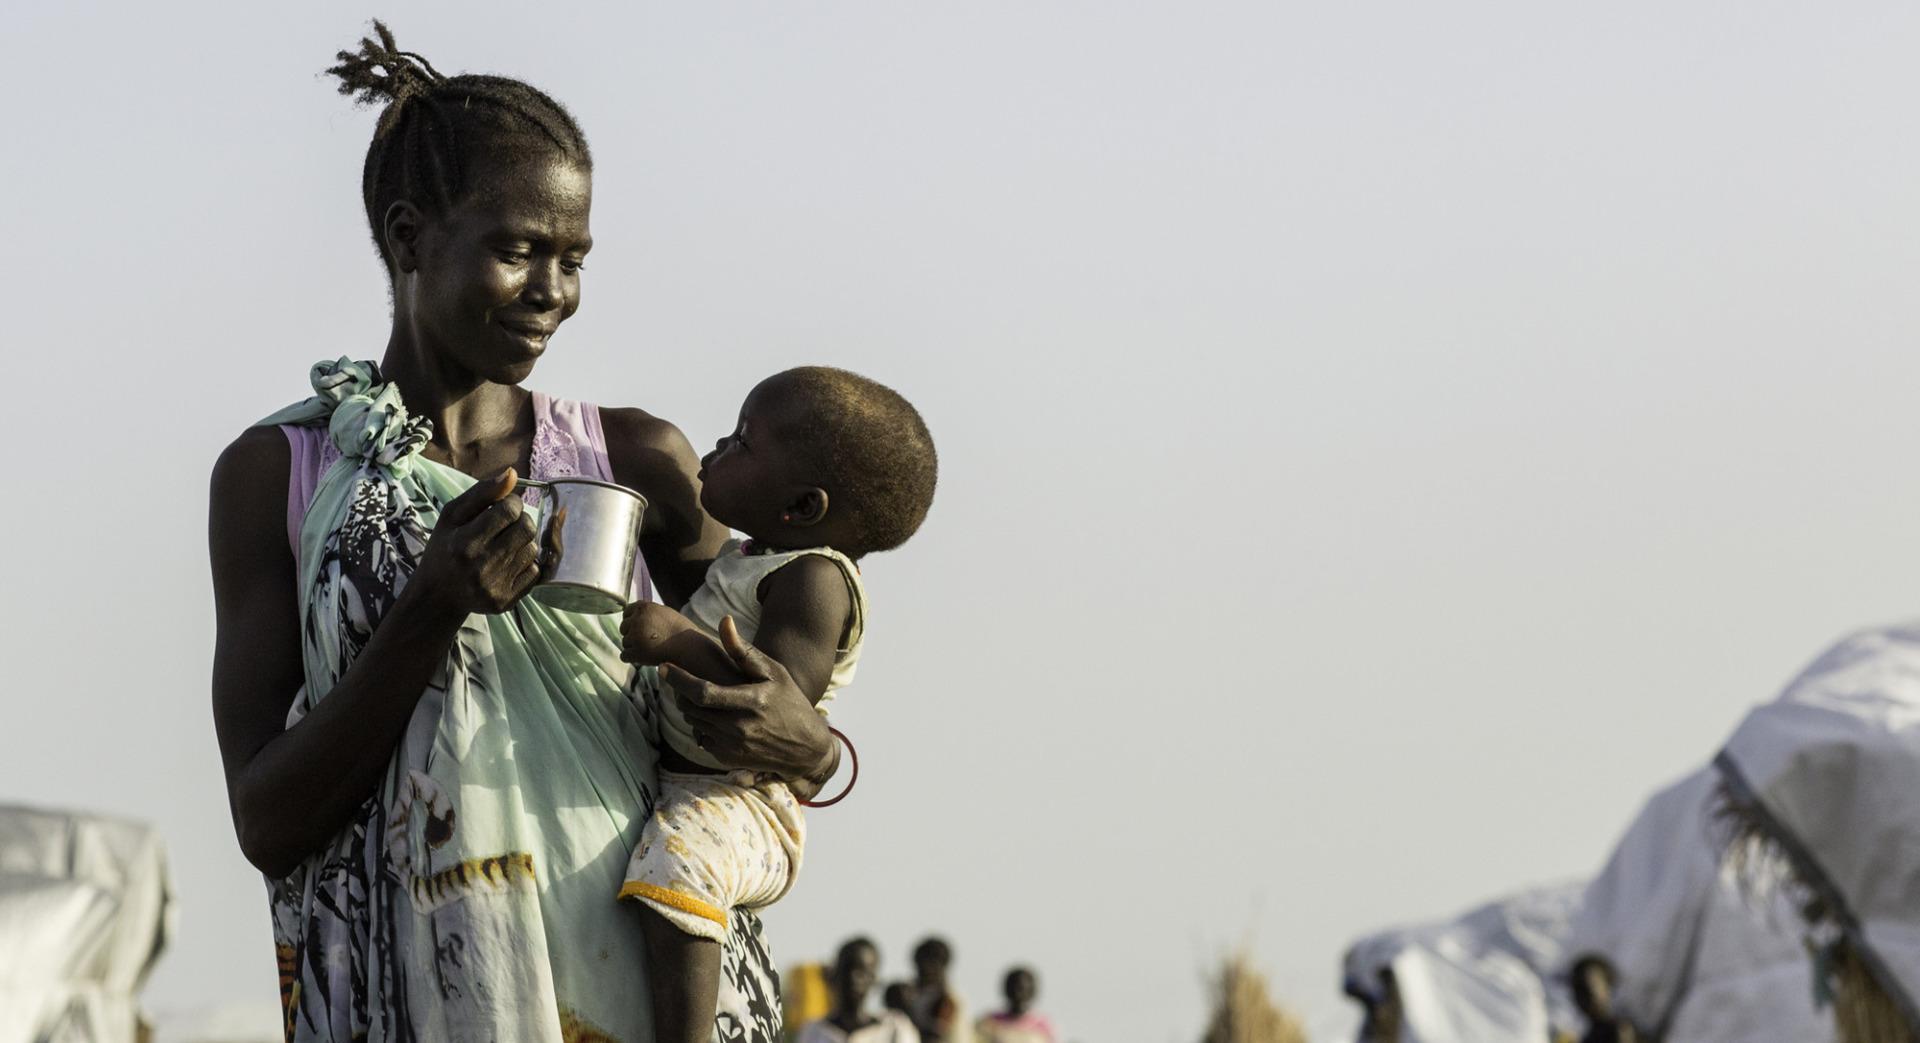 Fame nel mondo: oltre 55 milioni di persone a rischio carestia - Oxfam Italia